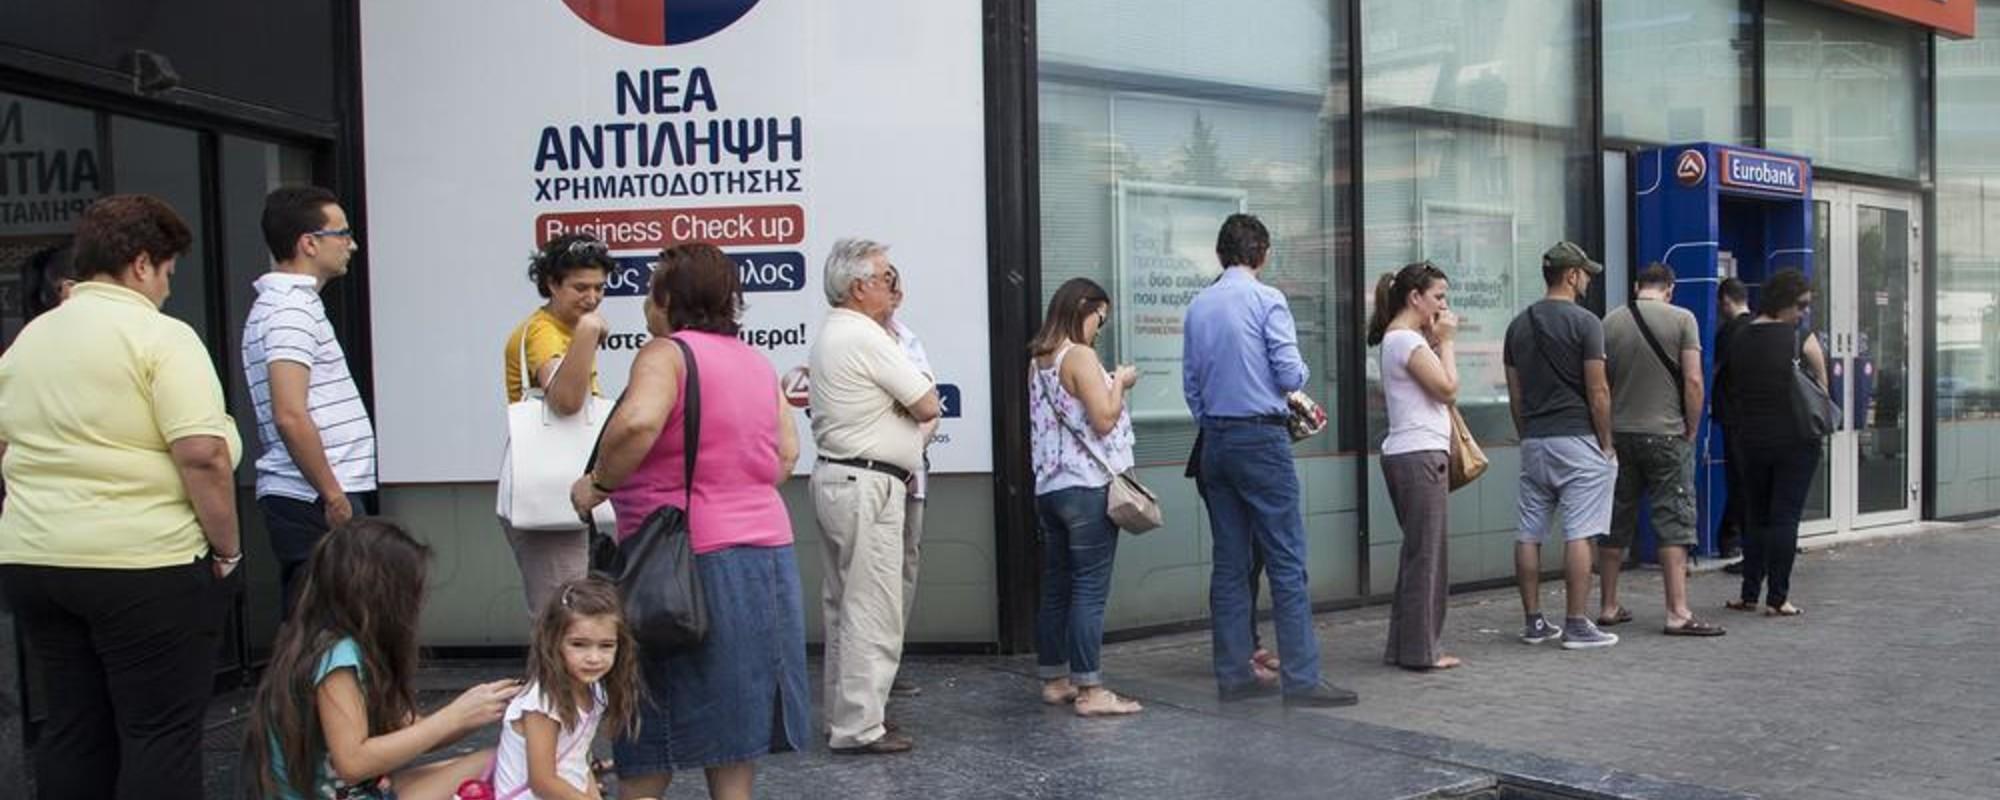 Gregos Limpando suas Contas Bancárias Depois do Anúncio do Referendo